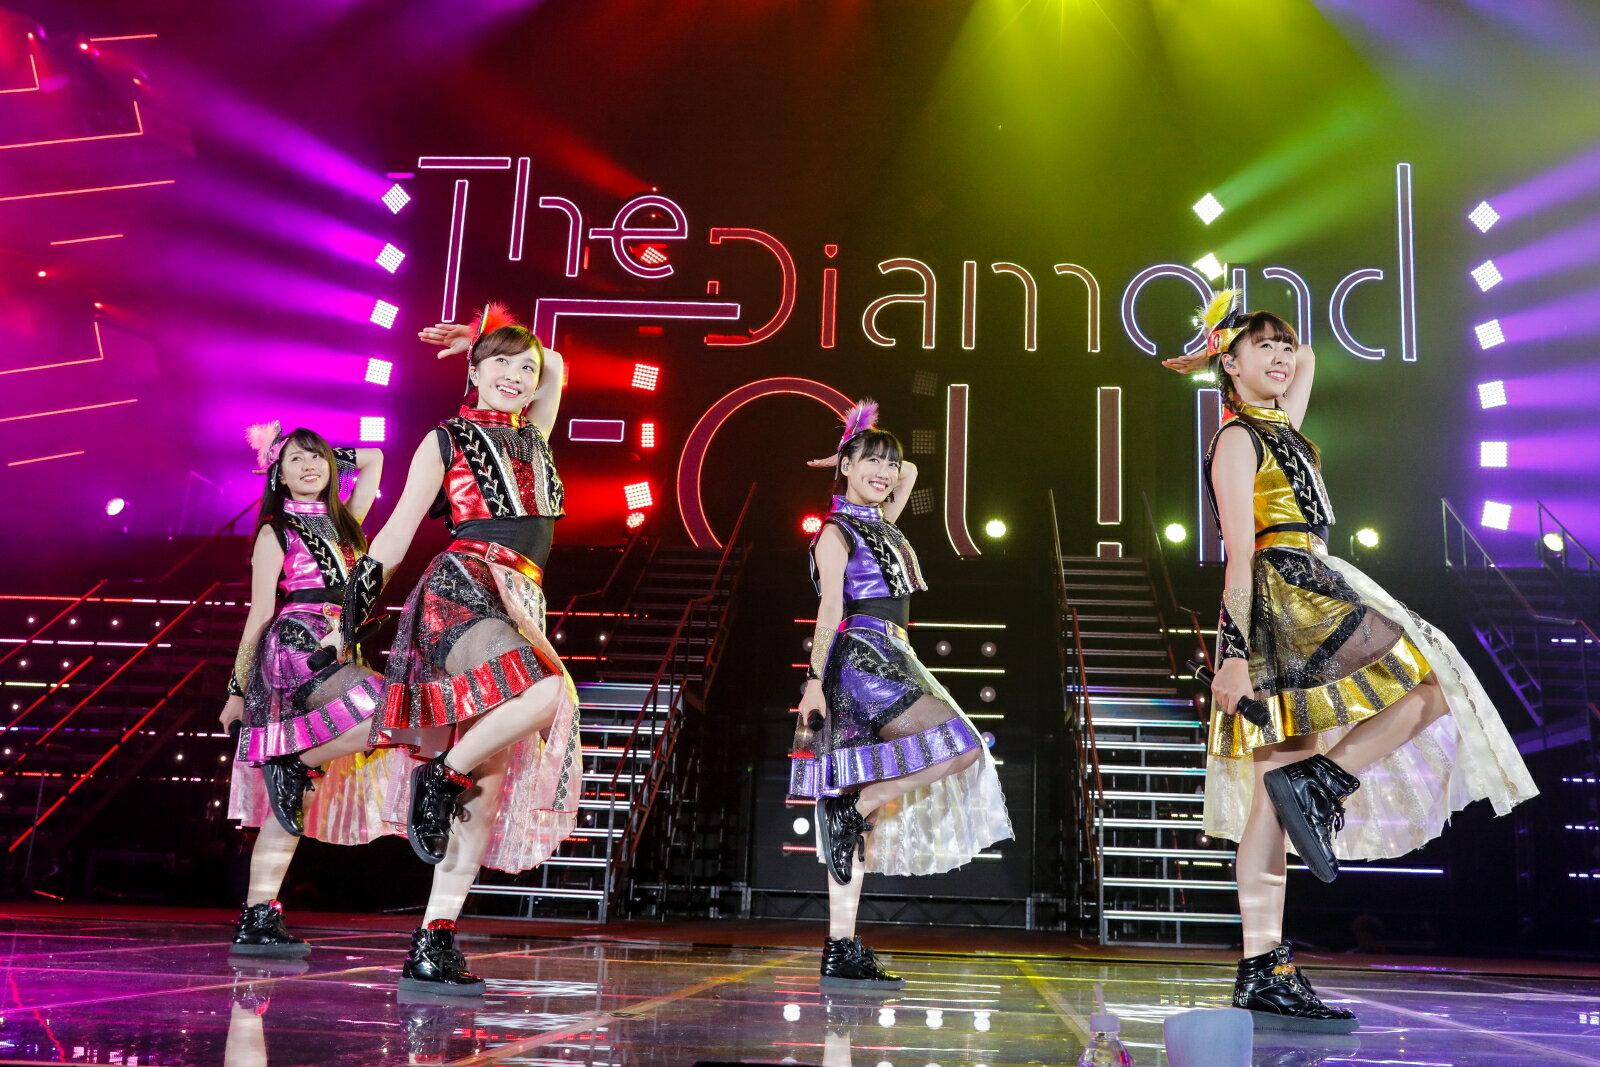 ももいろクローバーZ 10th Anniversary The Diamond Four -in 桃響導夢ー LIVE Blu-ray(初回限定版)【Blu-ray】 [ ももいろクローバーZ ]